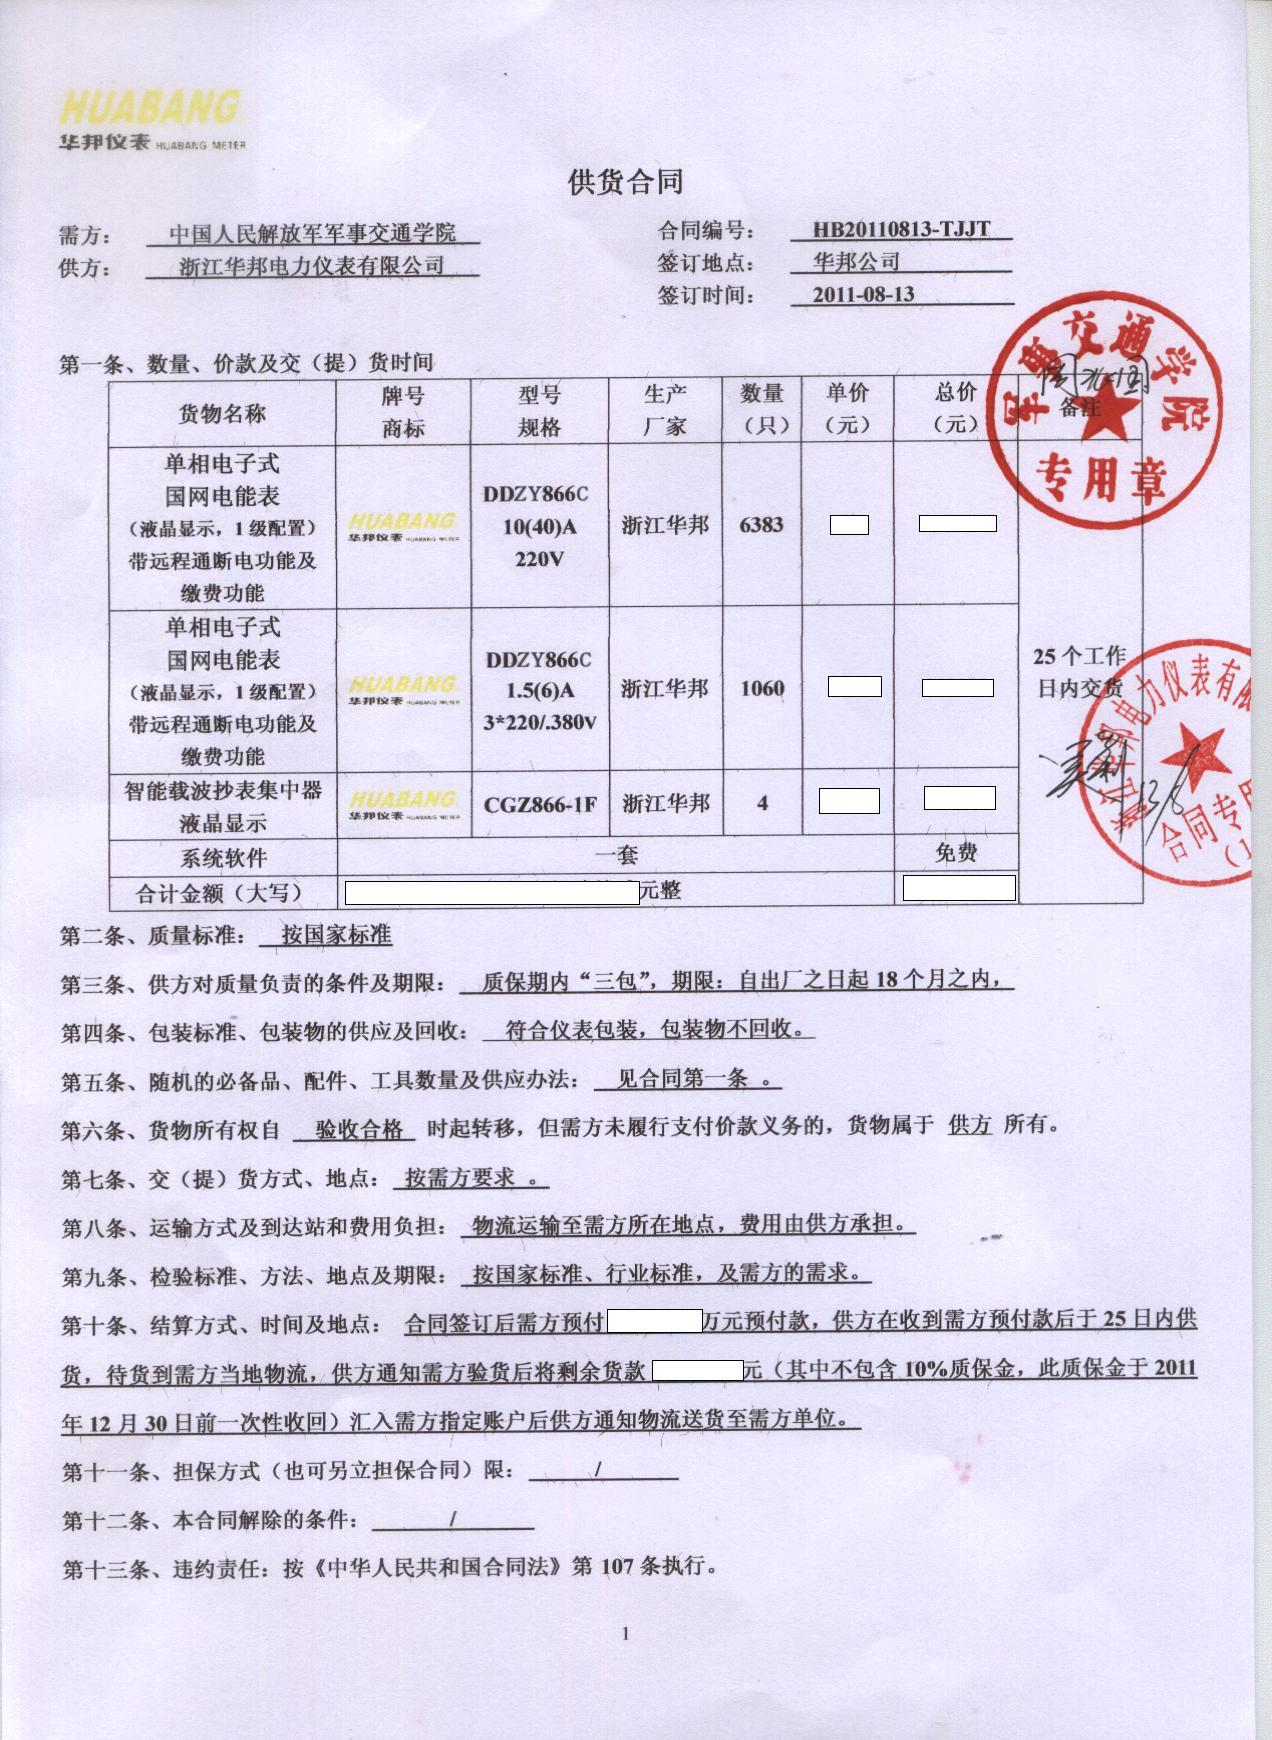 华邦仪表DDZY866供应中国人民军事交通学院项目